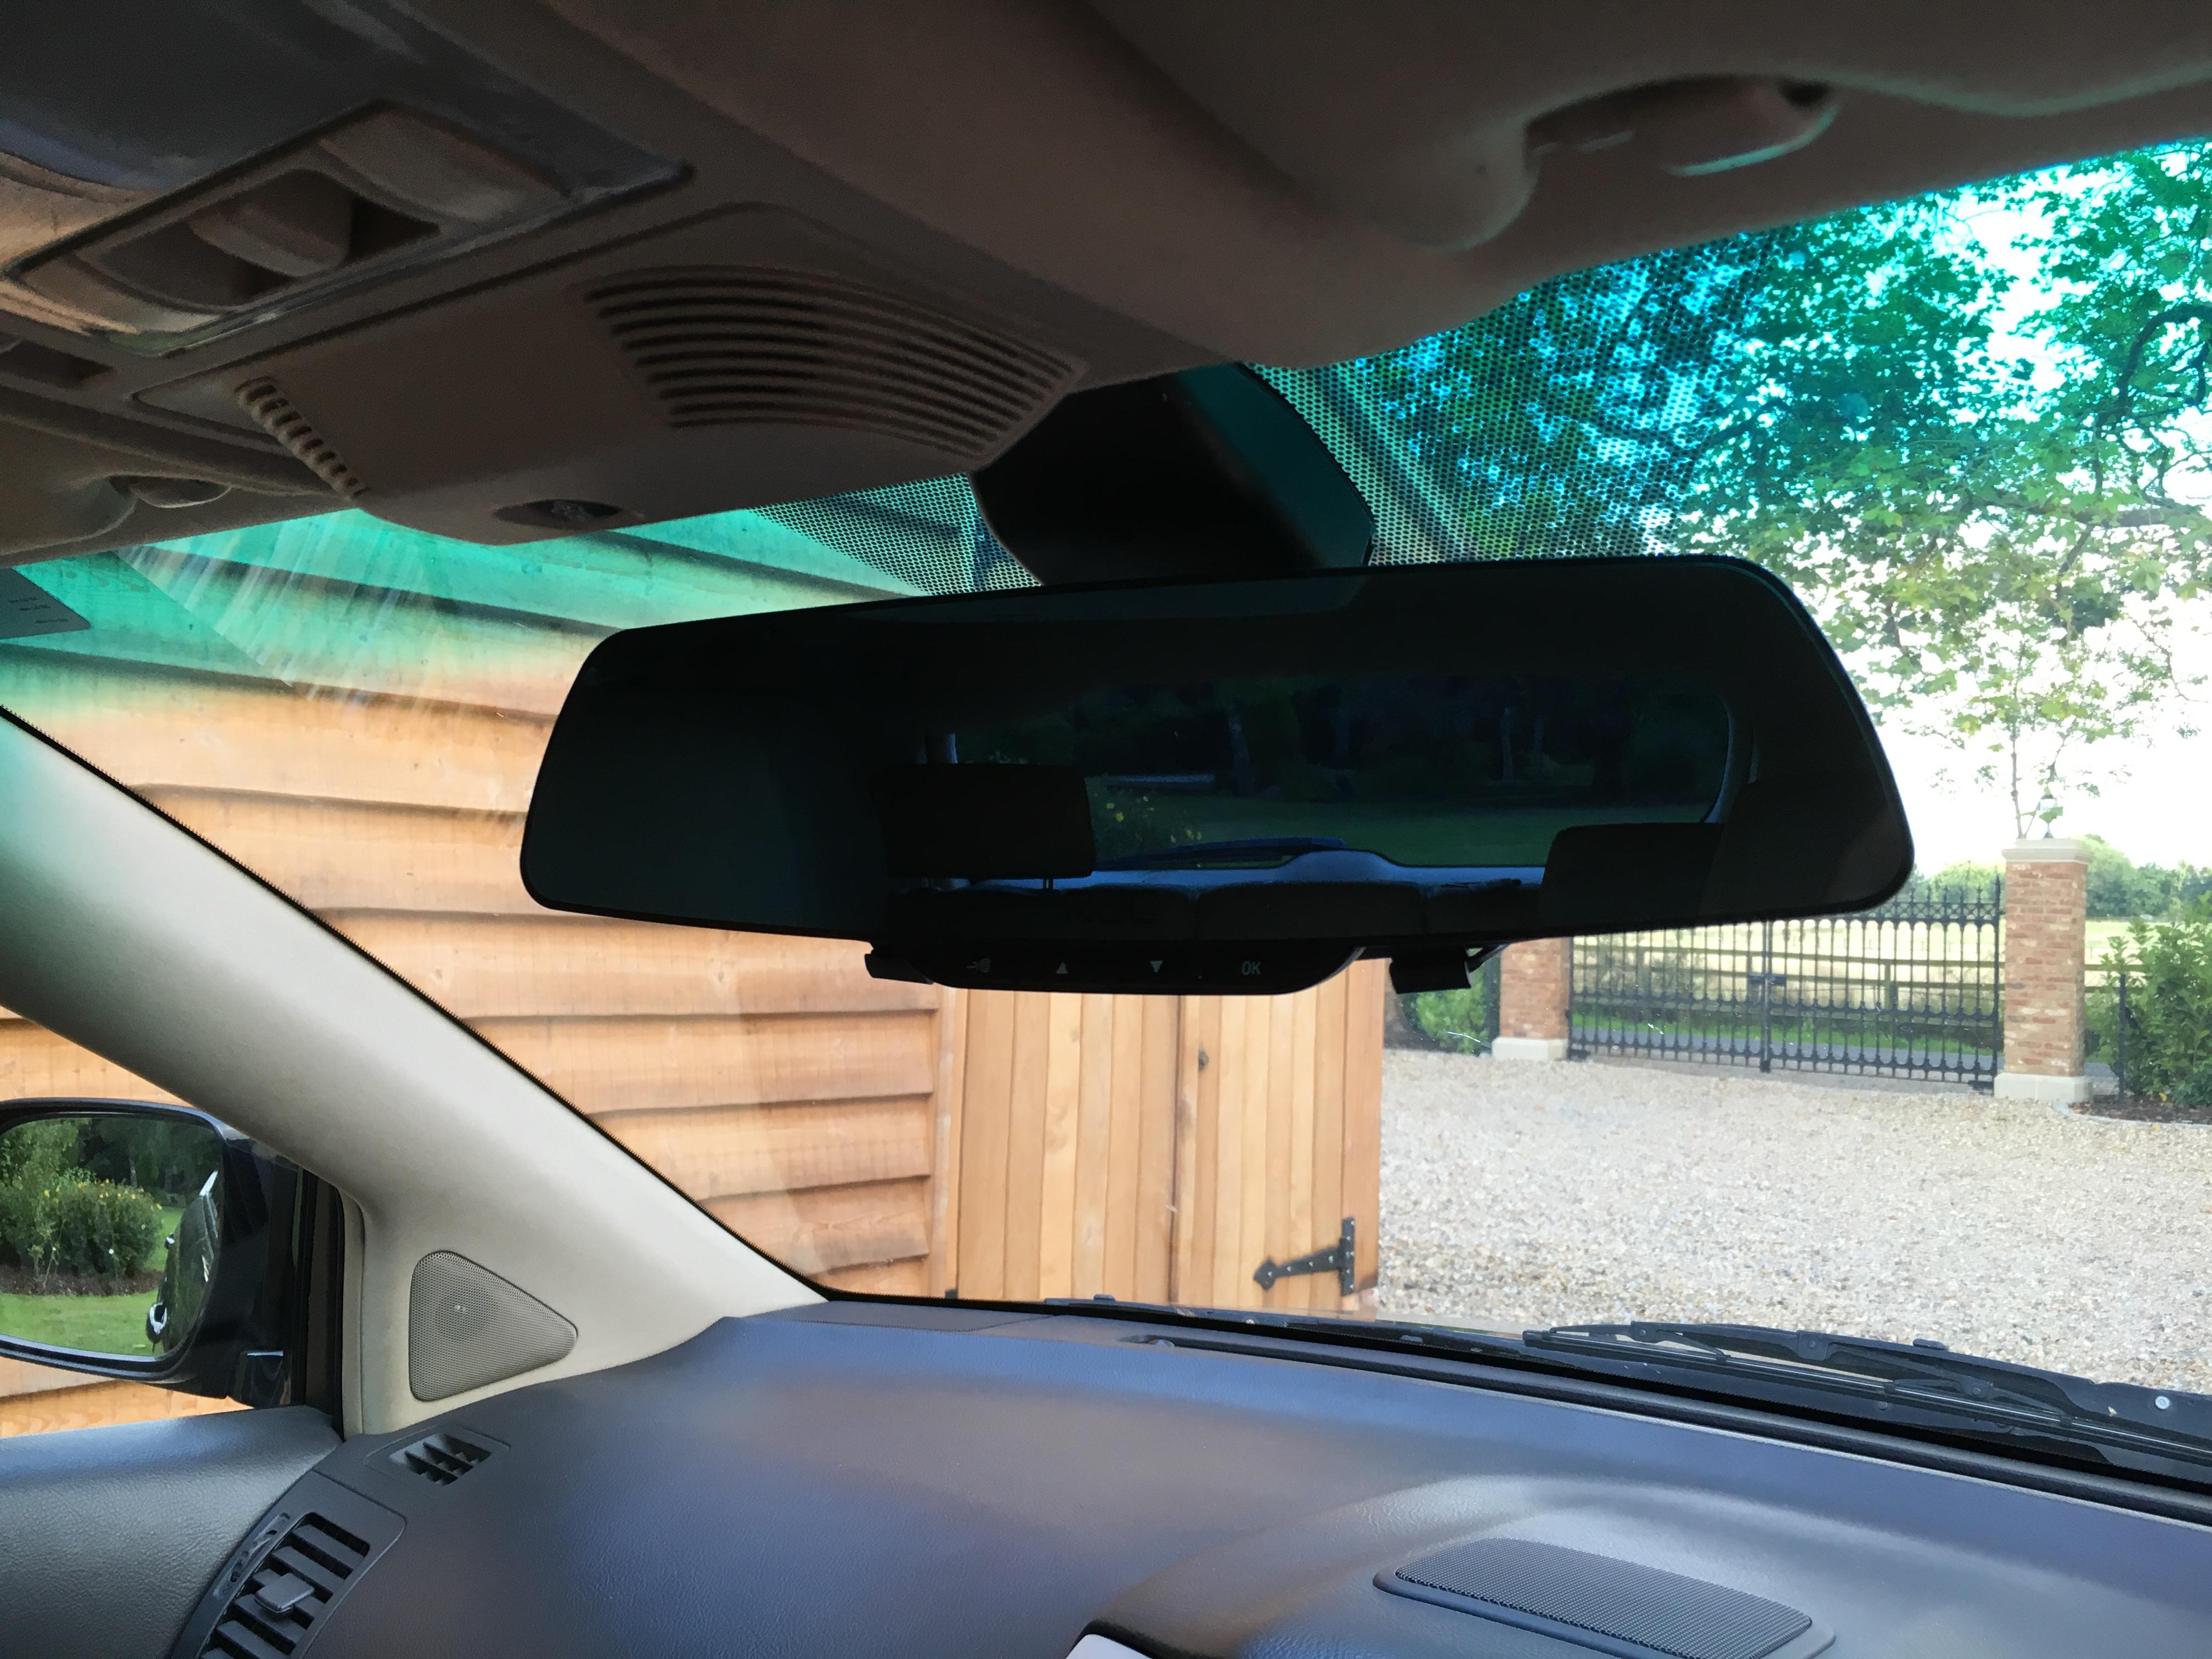 RAC-Super-HD-Rear-View-Mirror-Video-Dash-Cam (2)